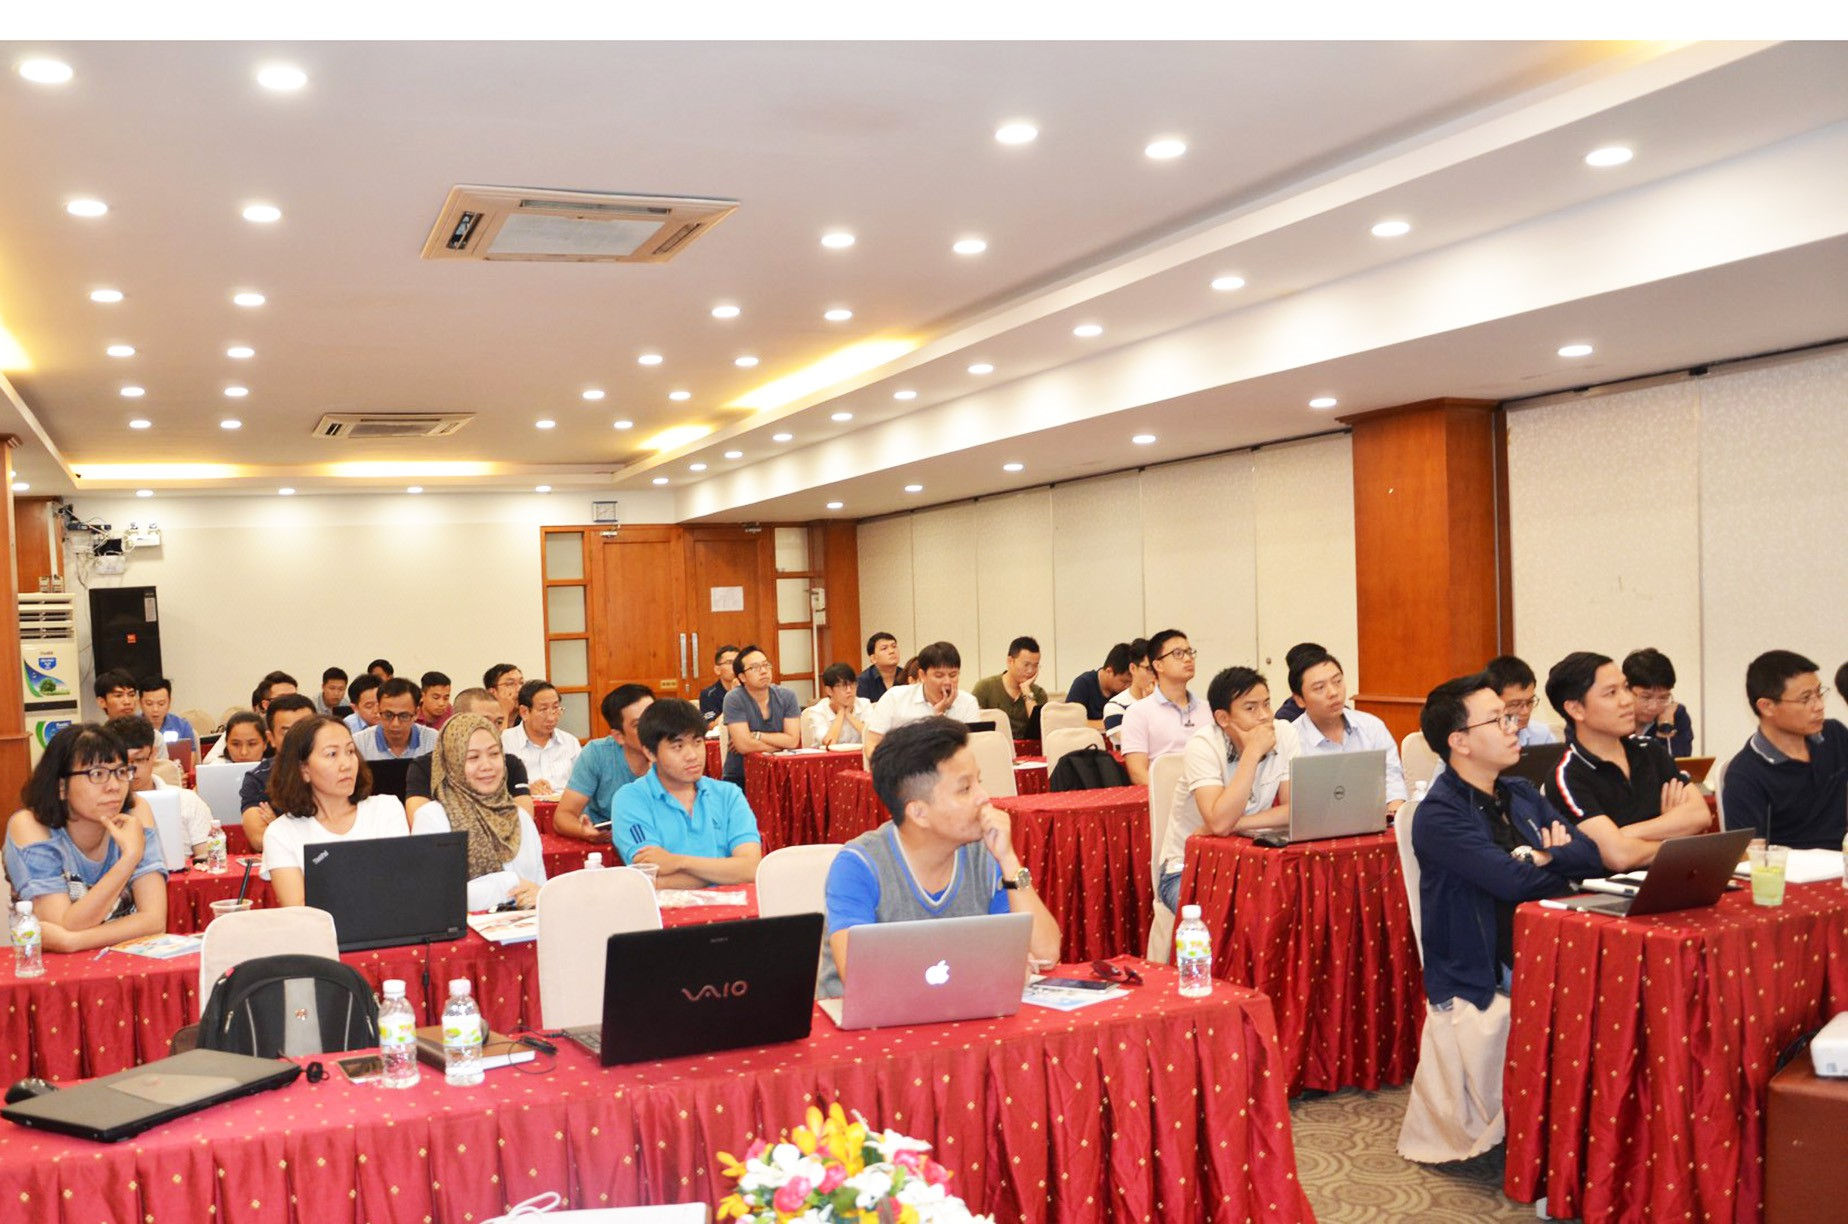 Câu chuyện chuyên gia tư vấn quỹ ngoại trở thành thầy truyền bí kíp cho nhà đầu tư trên TTCK Việt Nam - Ảnh 1.